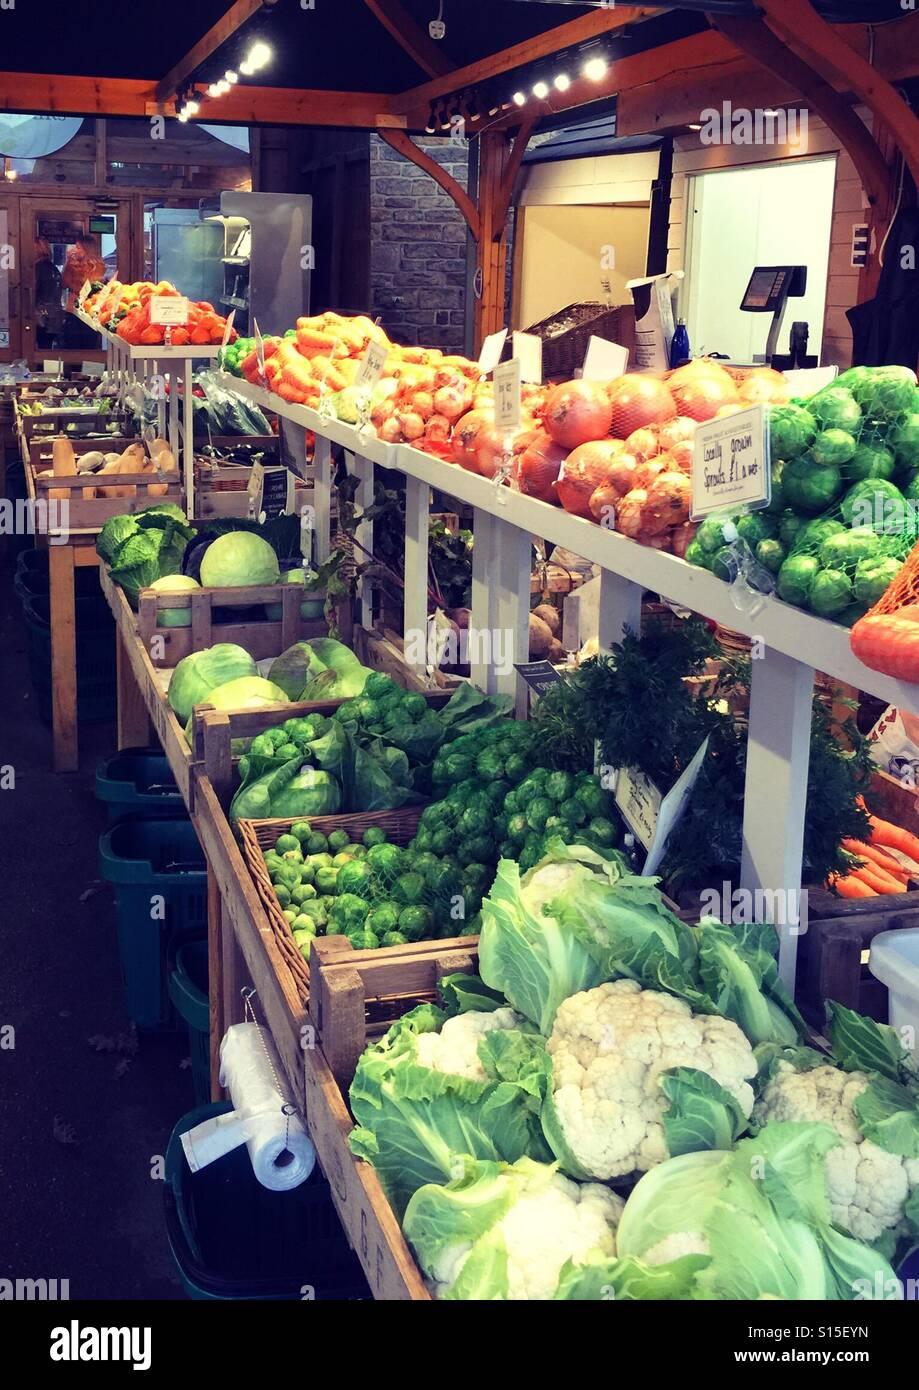 Stand de fruits et légumes avec beaucoup de légumes d'hiver Photo Stock